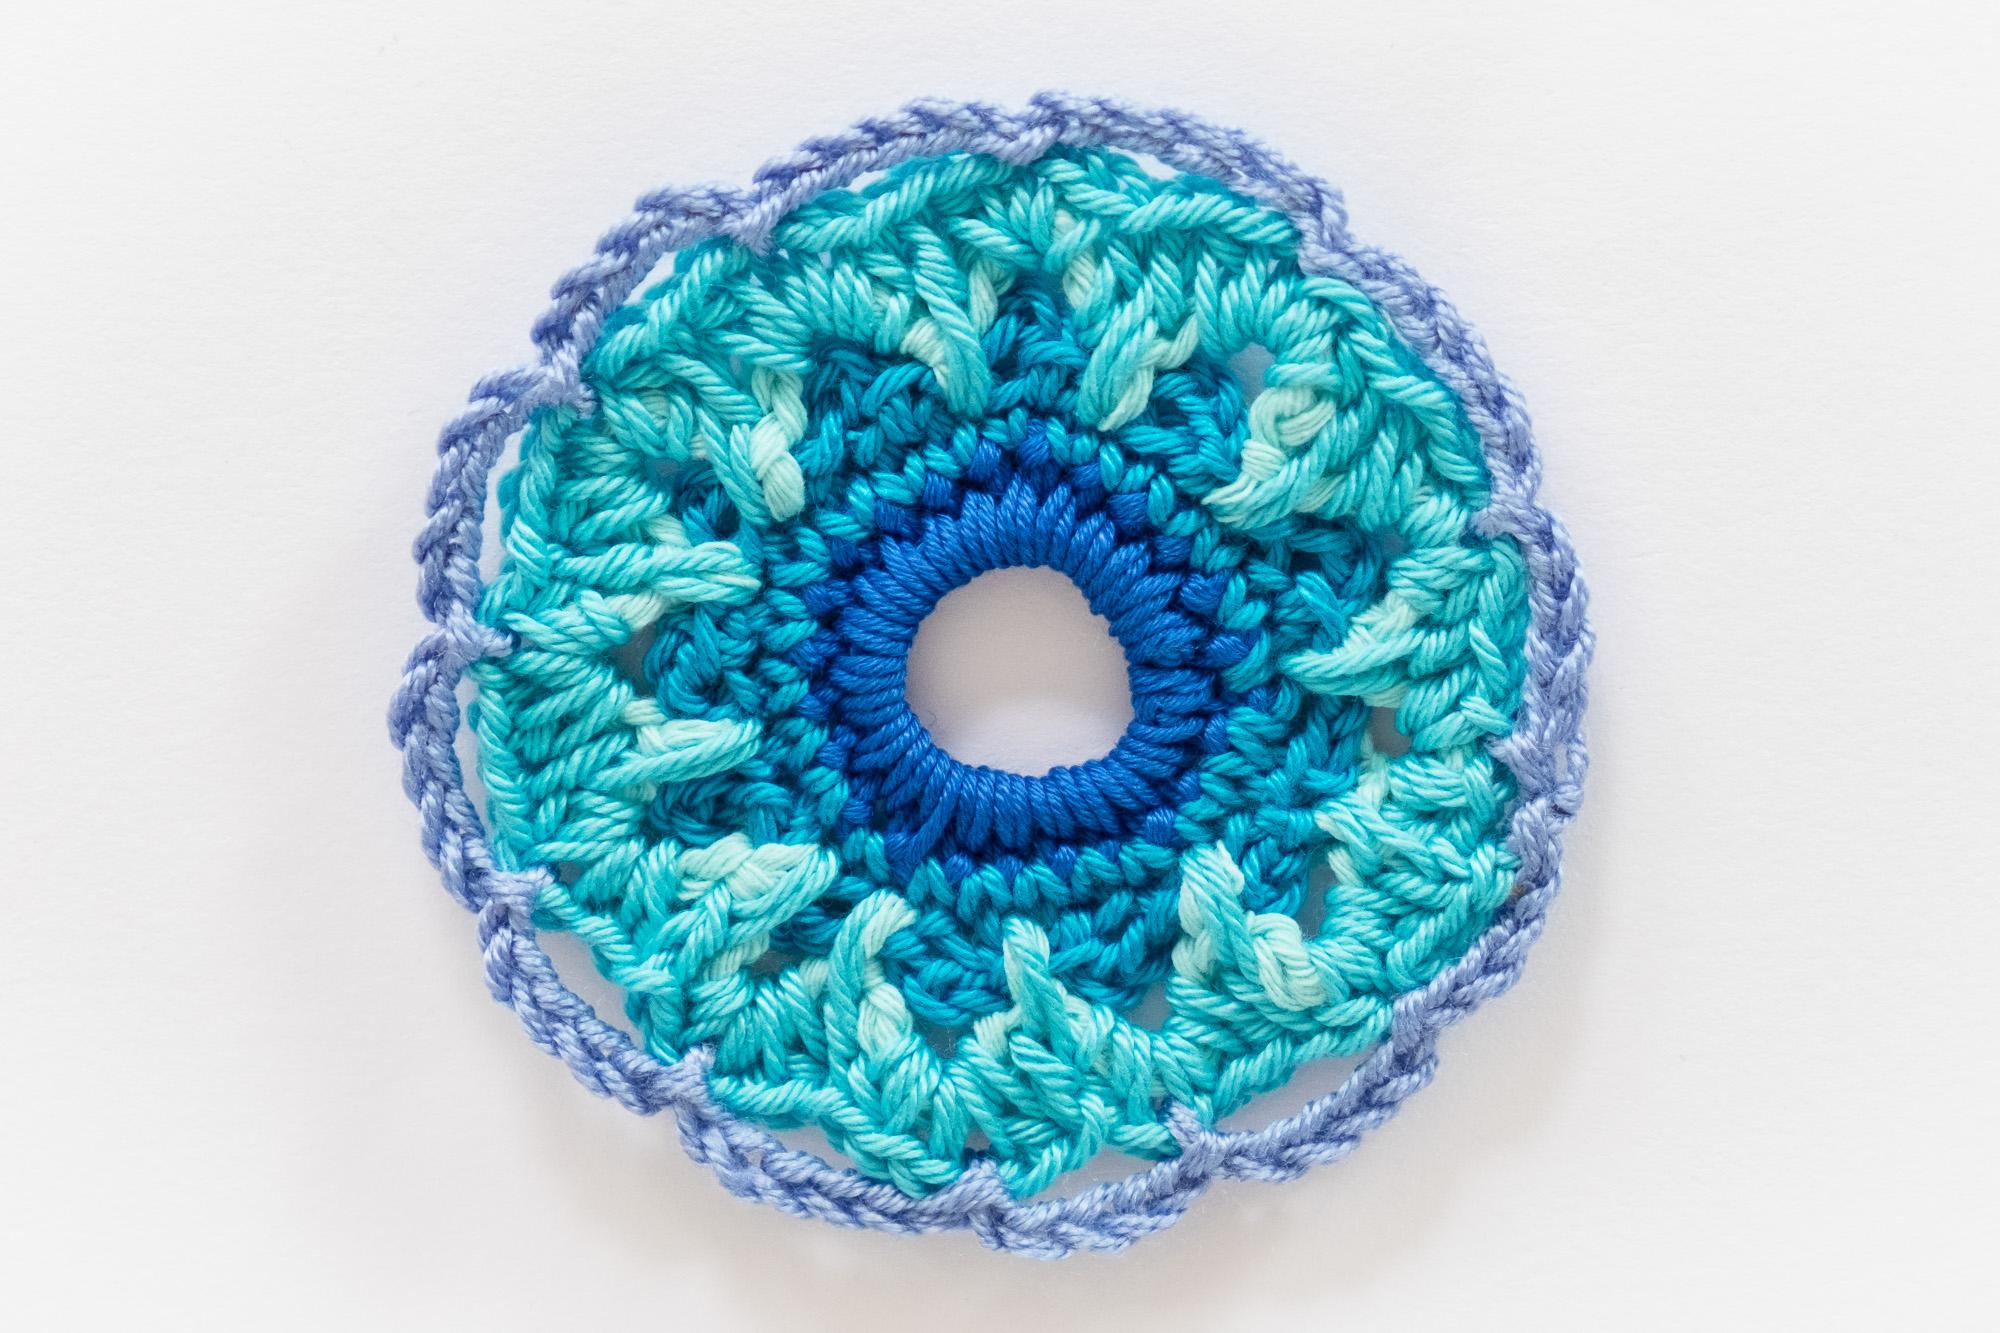 Motivo de ganchillo circular en tonos azules. Crochet motif.